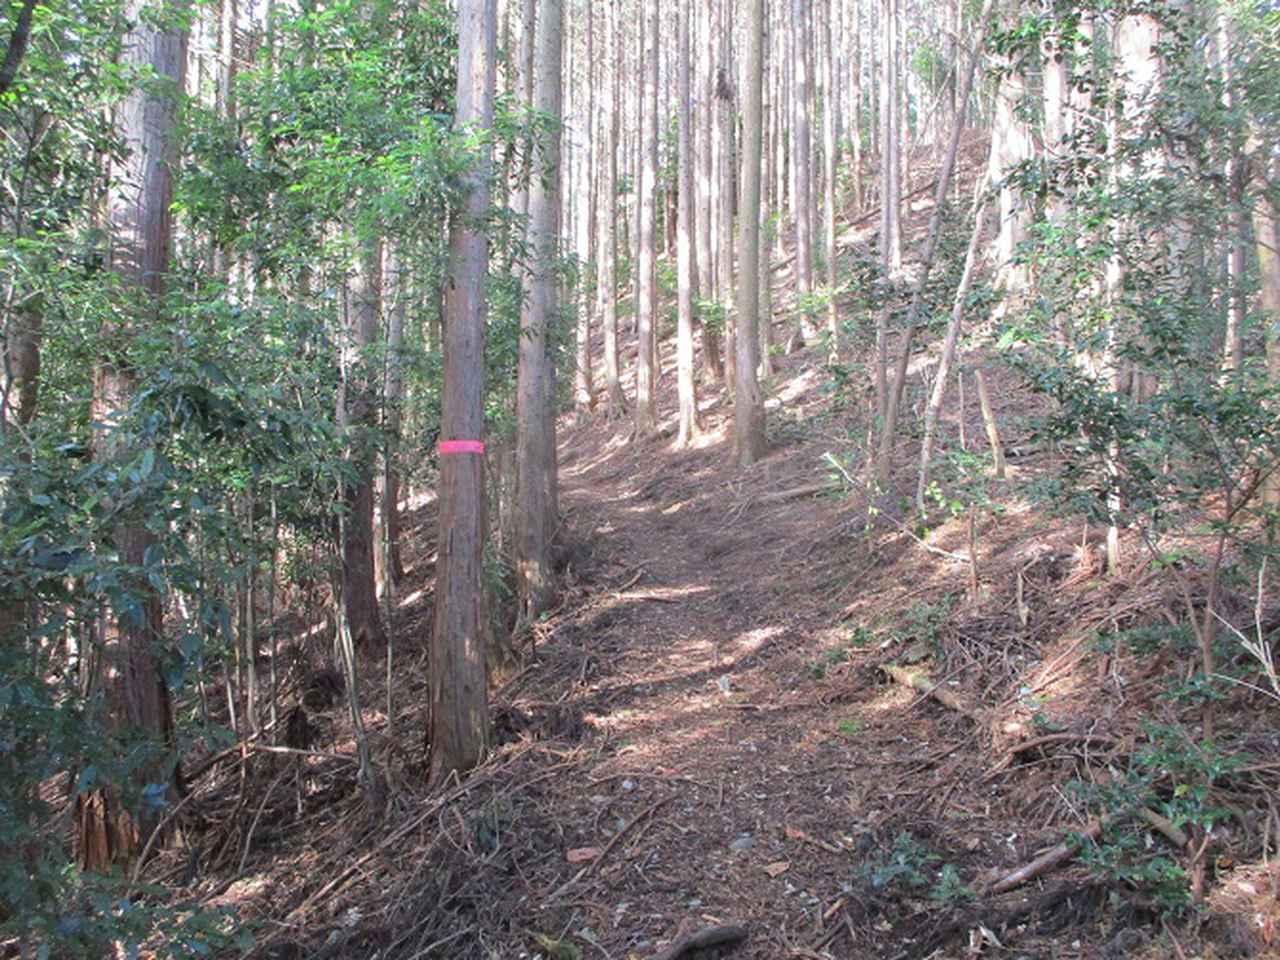 画像5: 来年冬の企画素材を探して山梨県南部の山 貫ヶ岳 を歩いてみました!